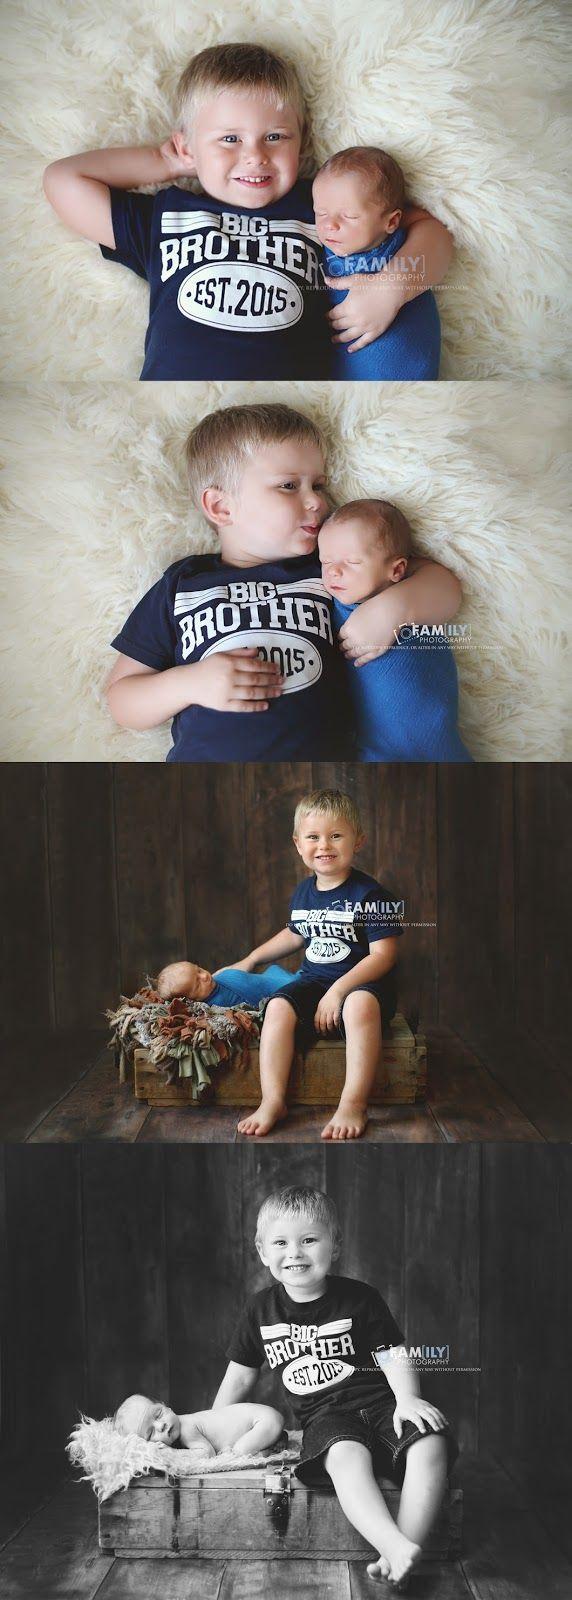 Familienfotografie, Neugeborene mit älterem Bruder, Neugeborene und Geschwisterfotografie